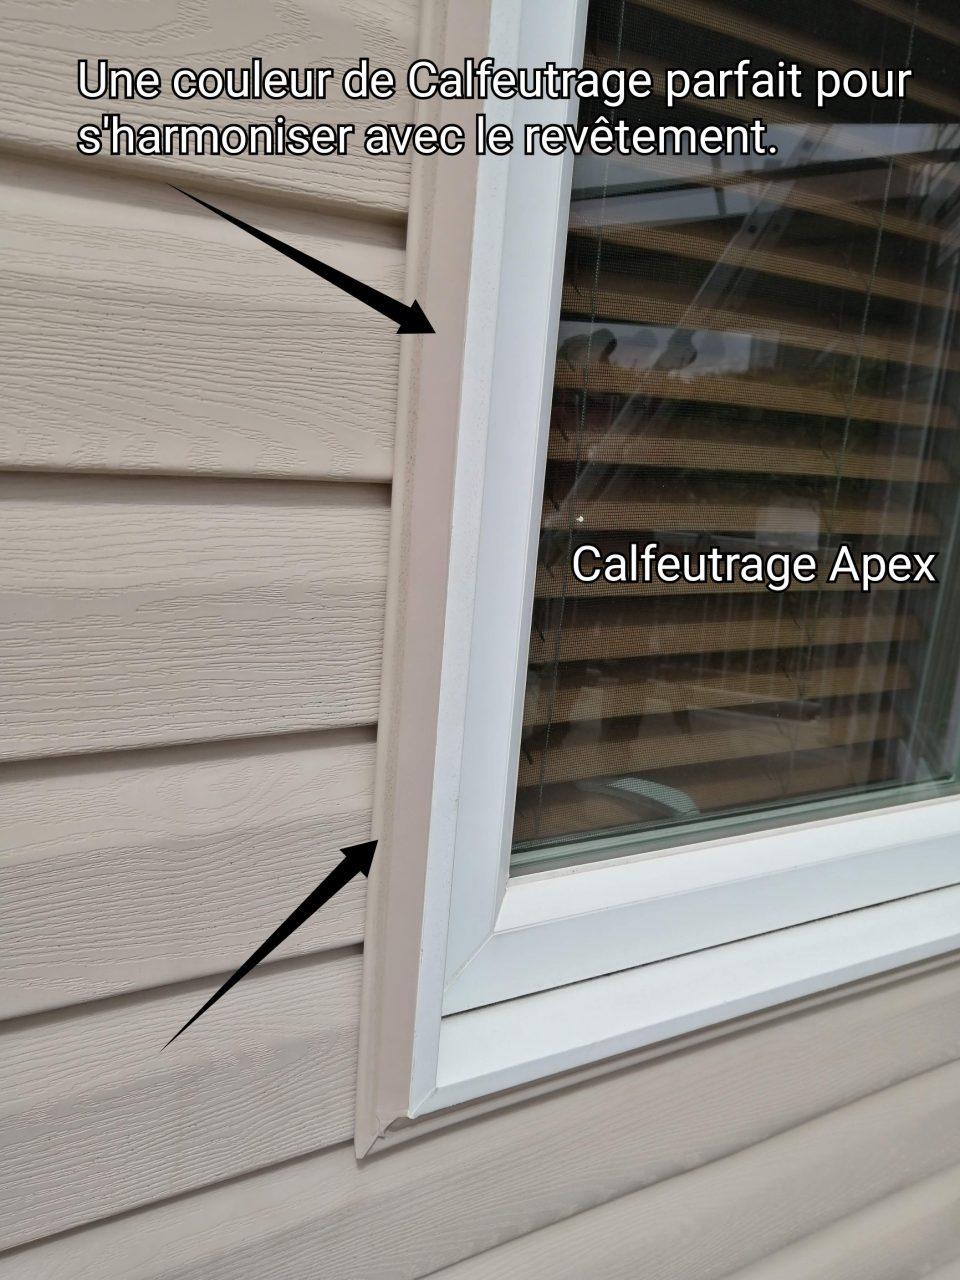 Calfeutrage de fenêtre, calfeutrage Apex